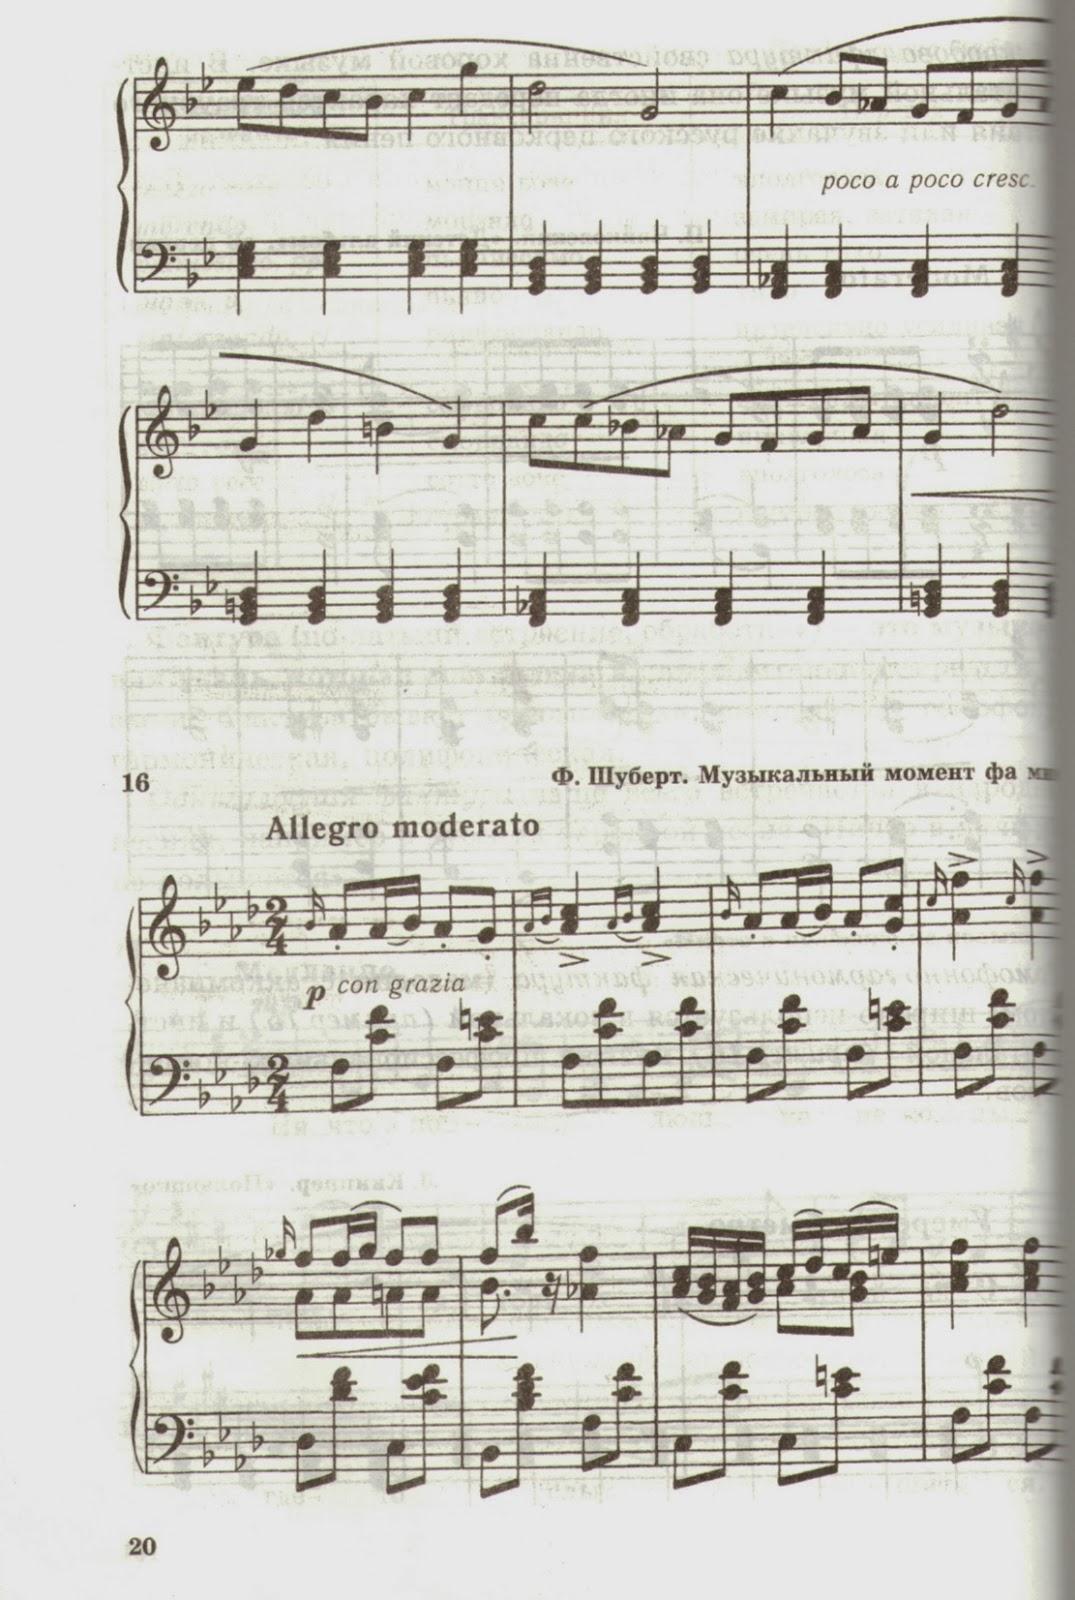 Музыкальный момент шуберта почему звучит игриво